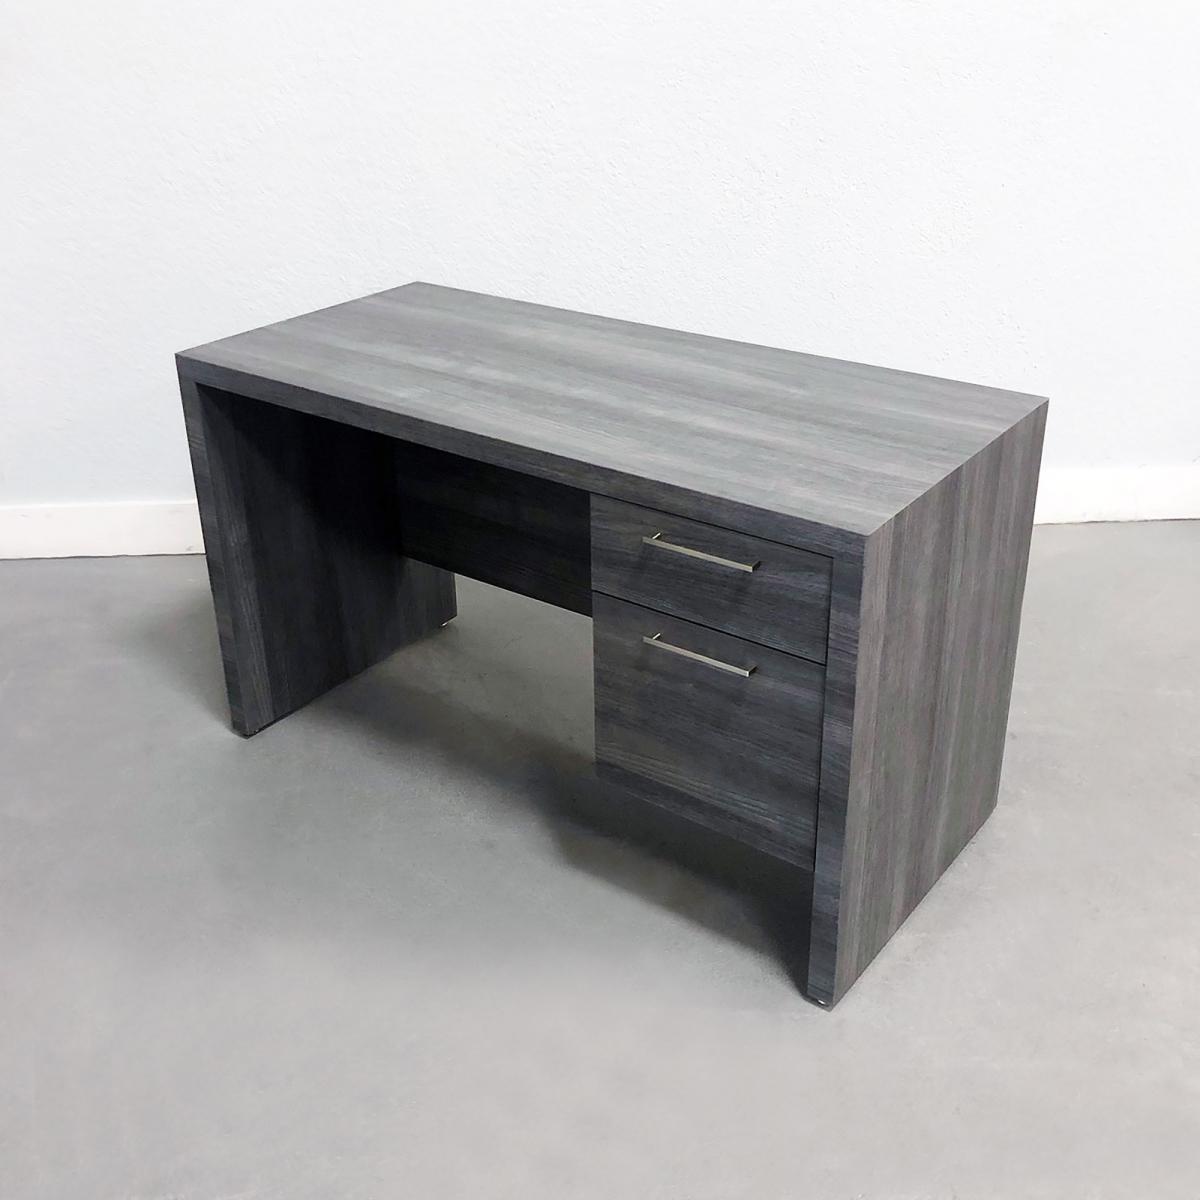 52 In. Denver Office Desk in Gray Laminate